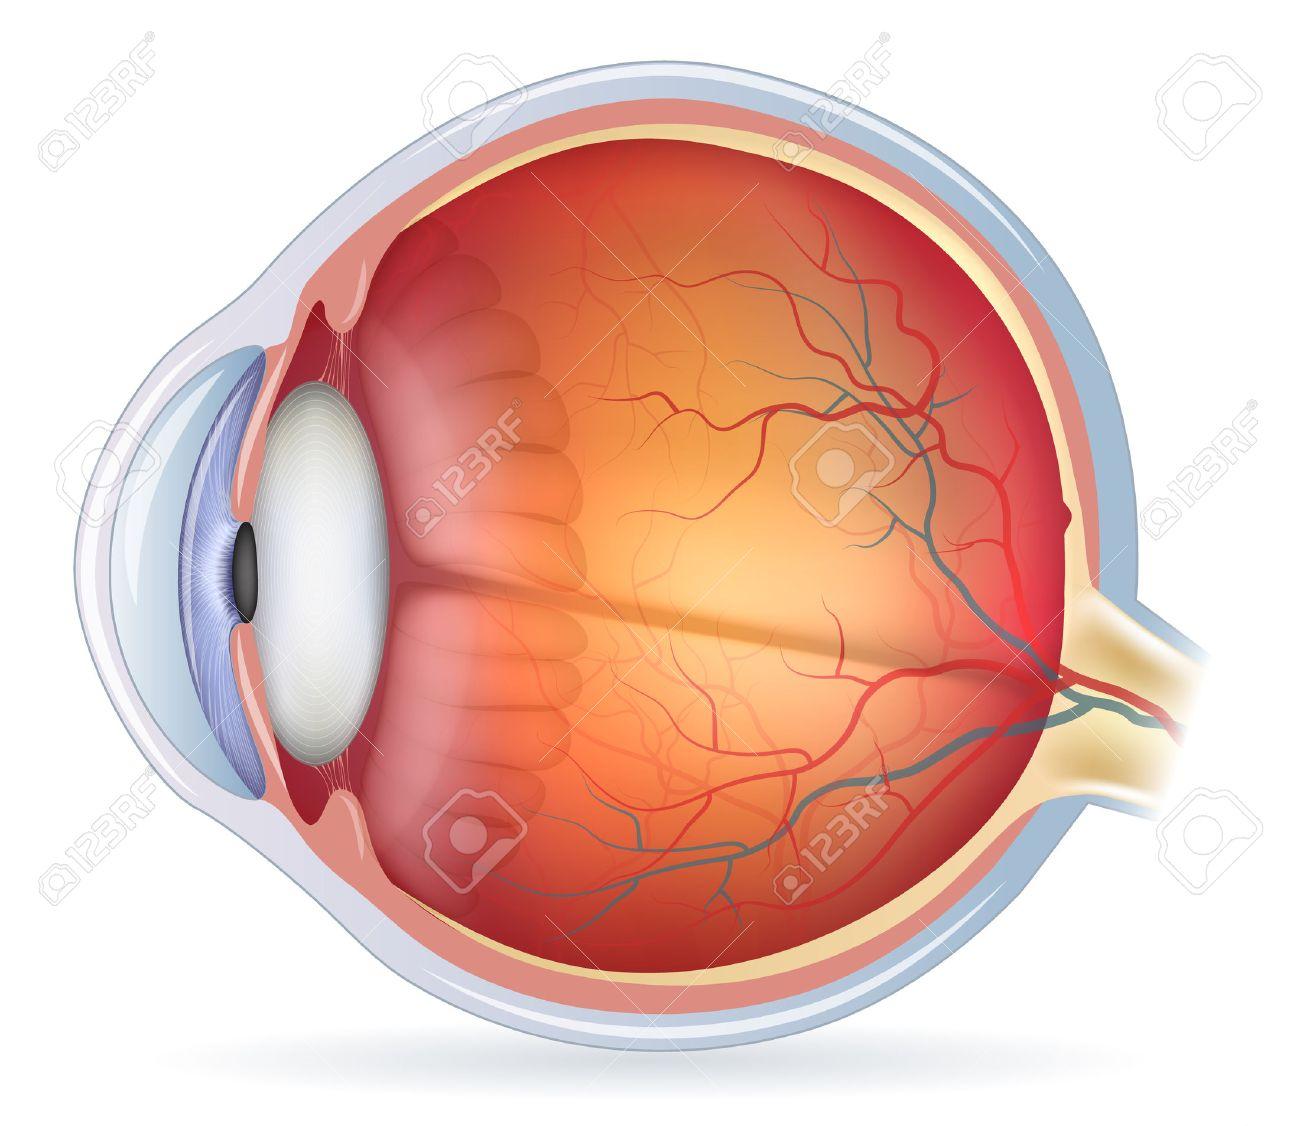 Menschliche Auge Anatomie Diagramm, Medizinische Illustrationen ...